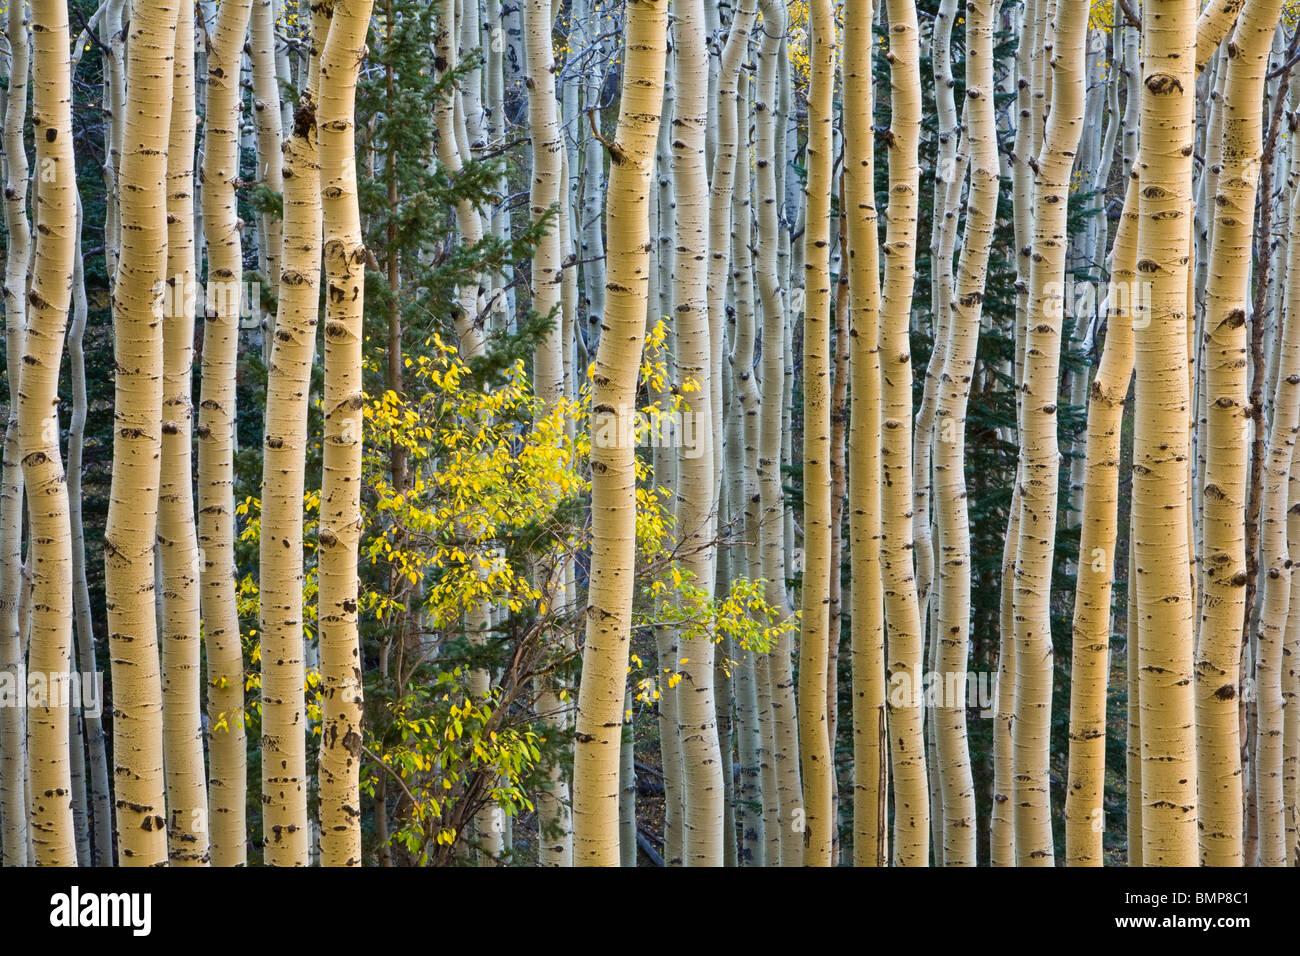 Aspen Grove de otoño con amarillo árbol chokecherry árboles en las laderas de los Picos de San Francisco, el Bosque Nacional Coconino, Arizona Foto de stock